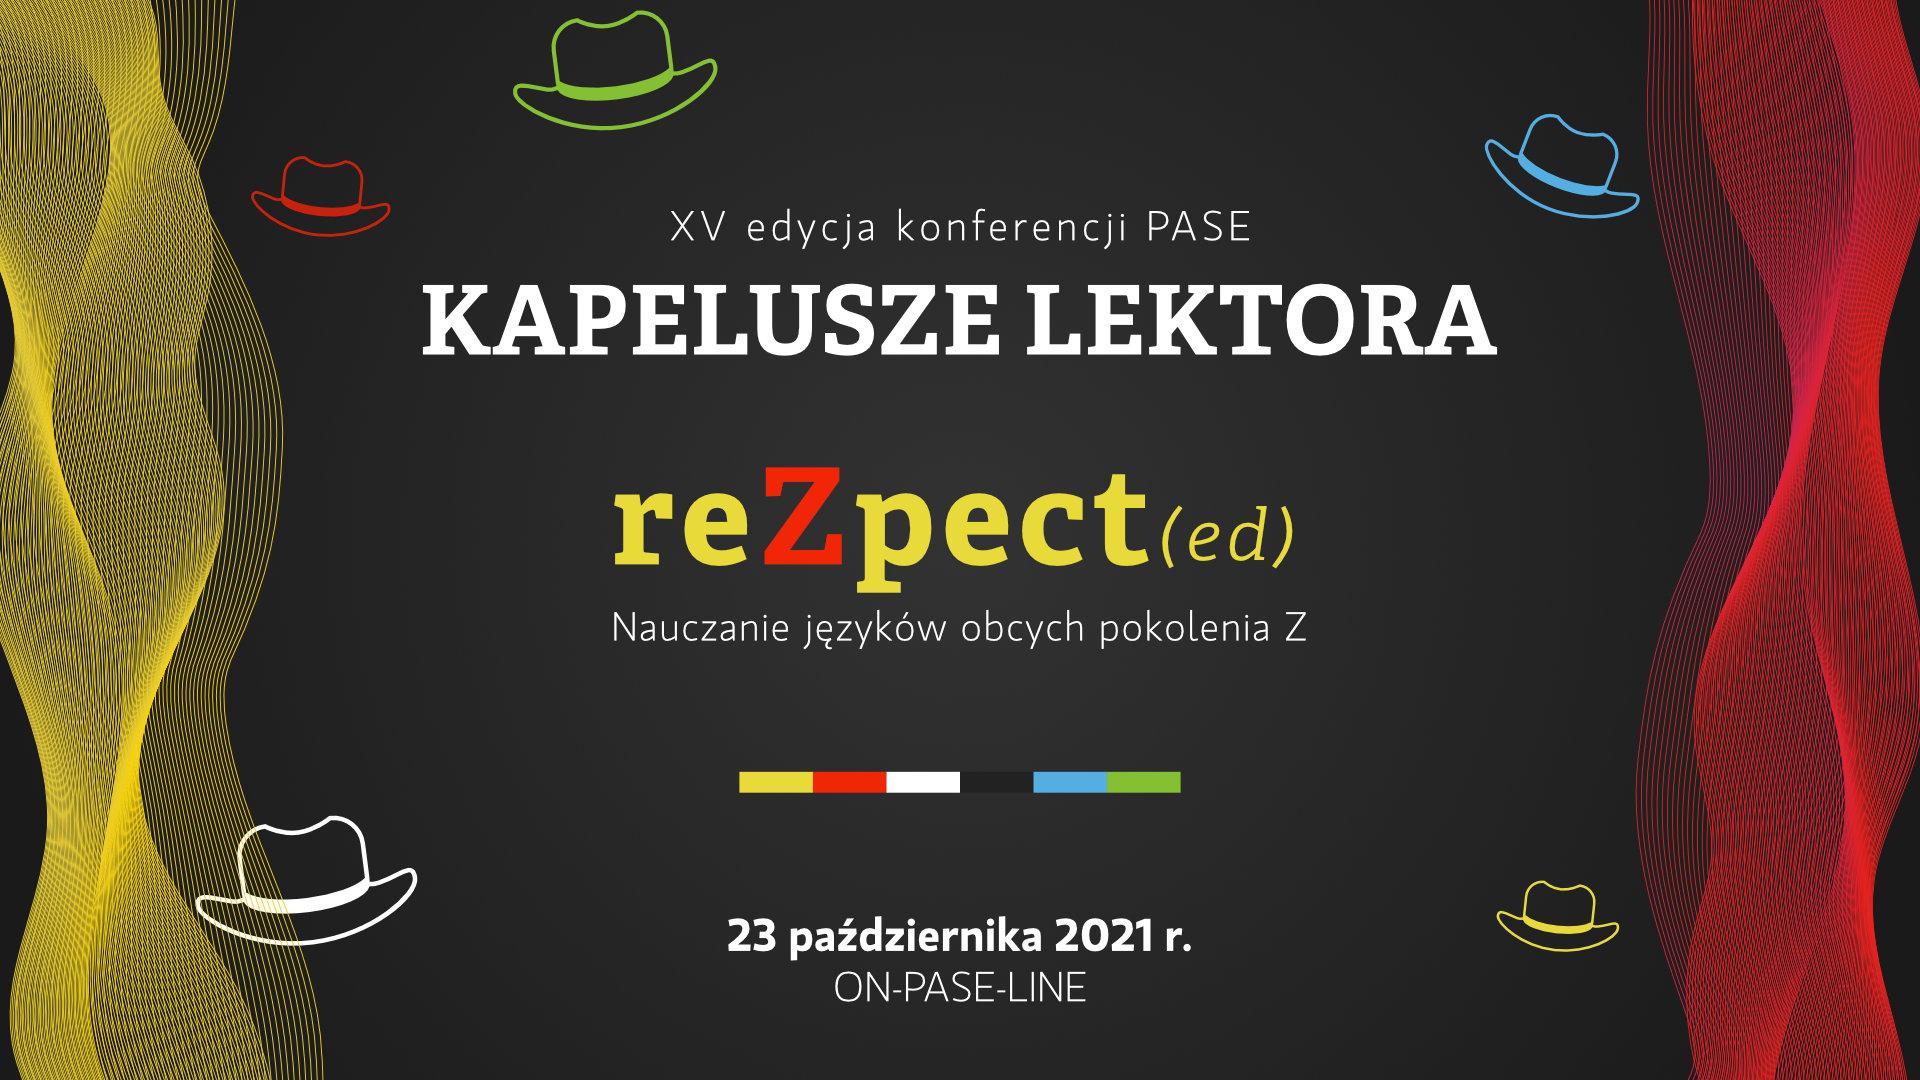 Kapelusze Lektora PASE - reZpect(ed) - Nauczanie języków obcych pokolenia Z